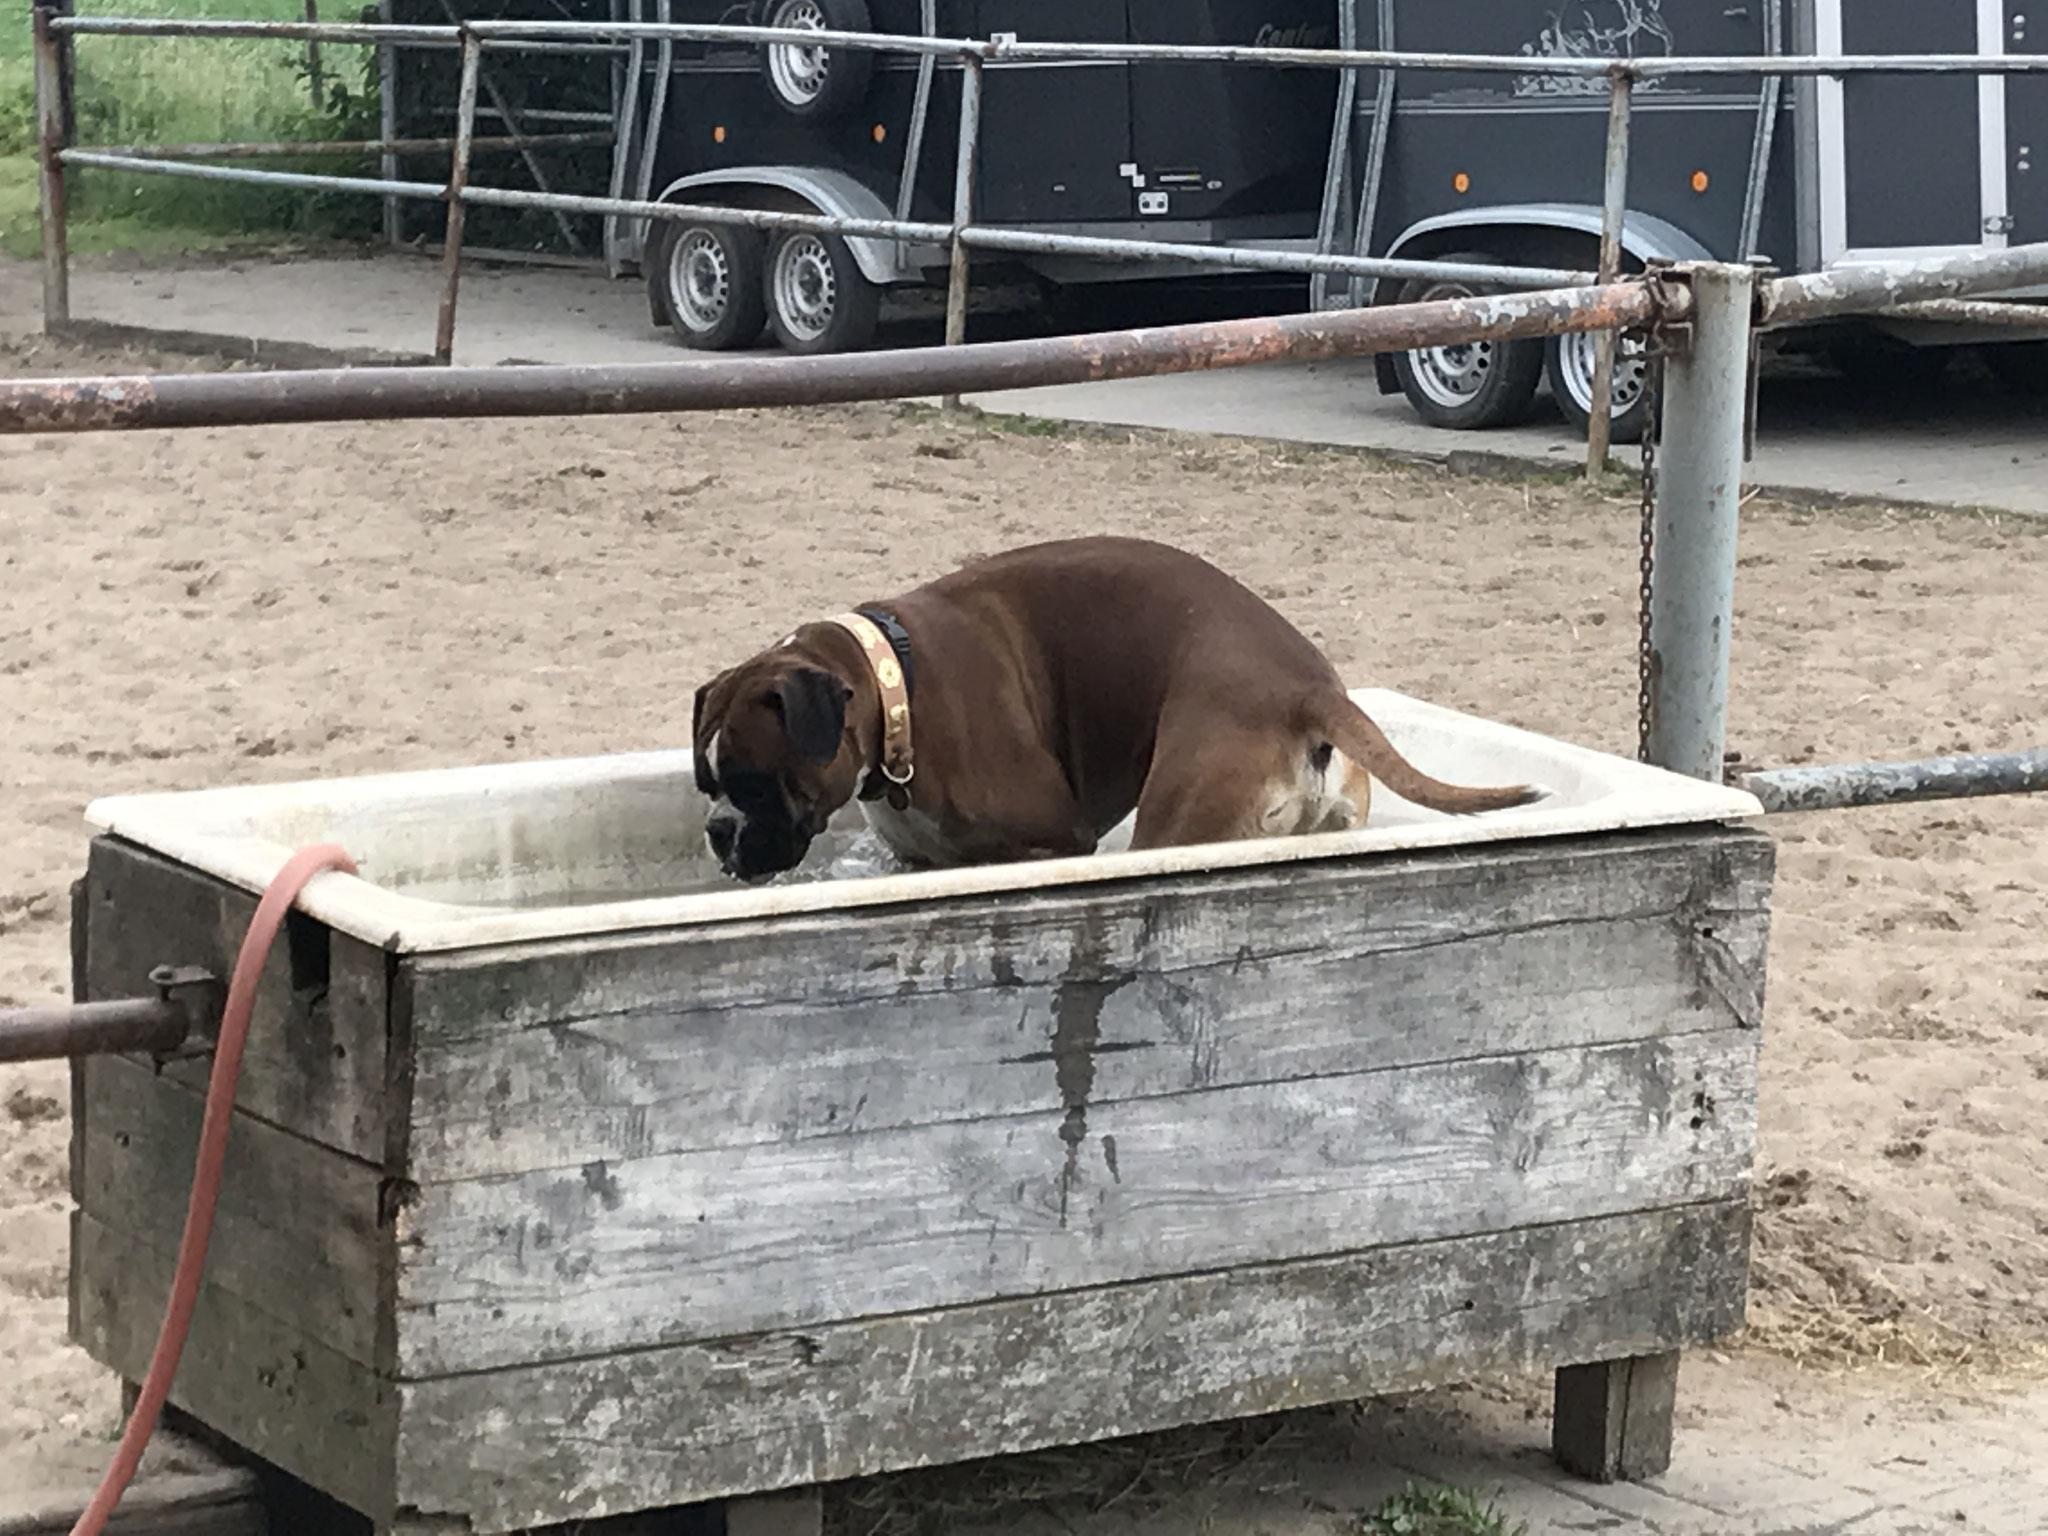 Artur in der Pferdetränke